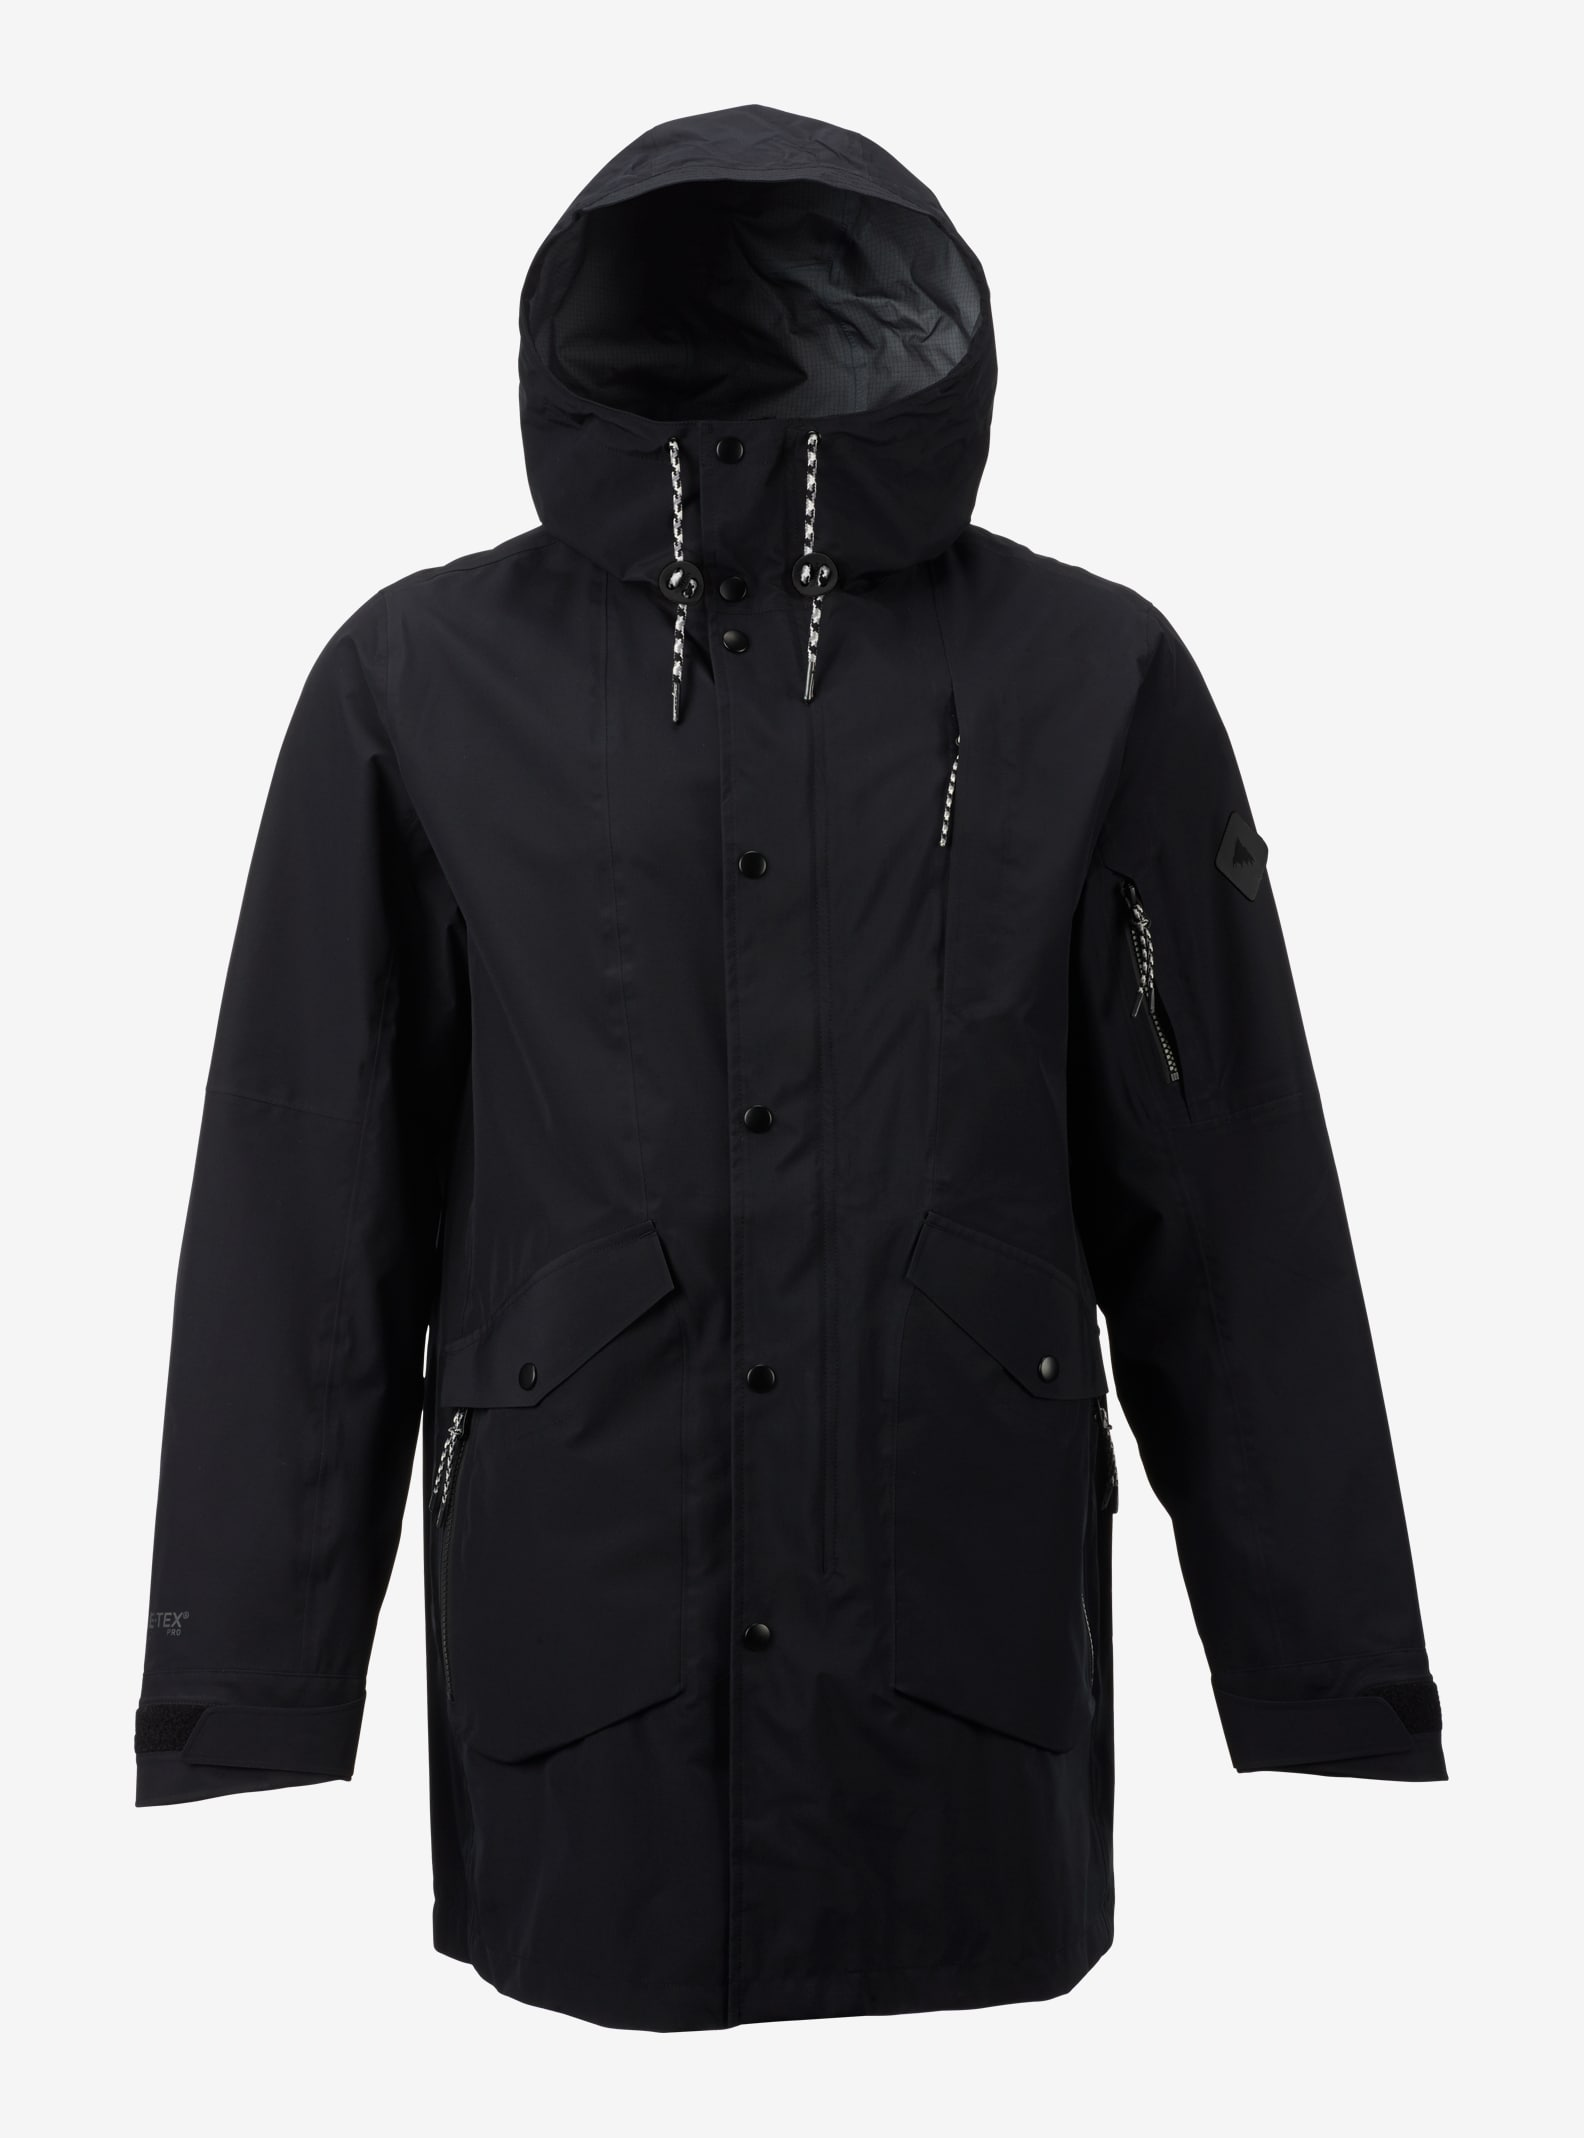 Burton GORE-TEX® 3L B-17 3L Rain Jacket shown in True Black